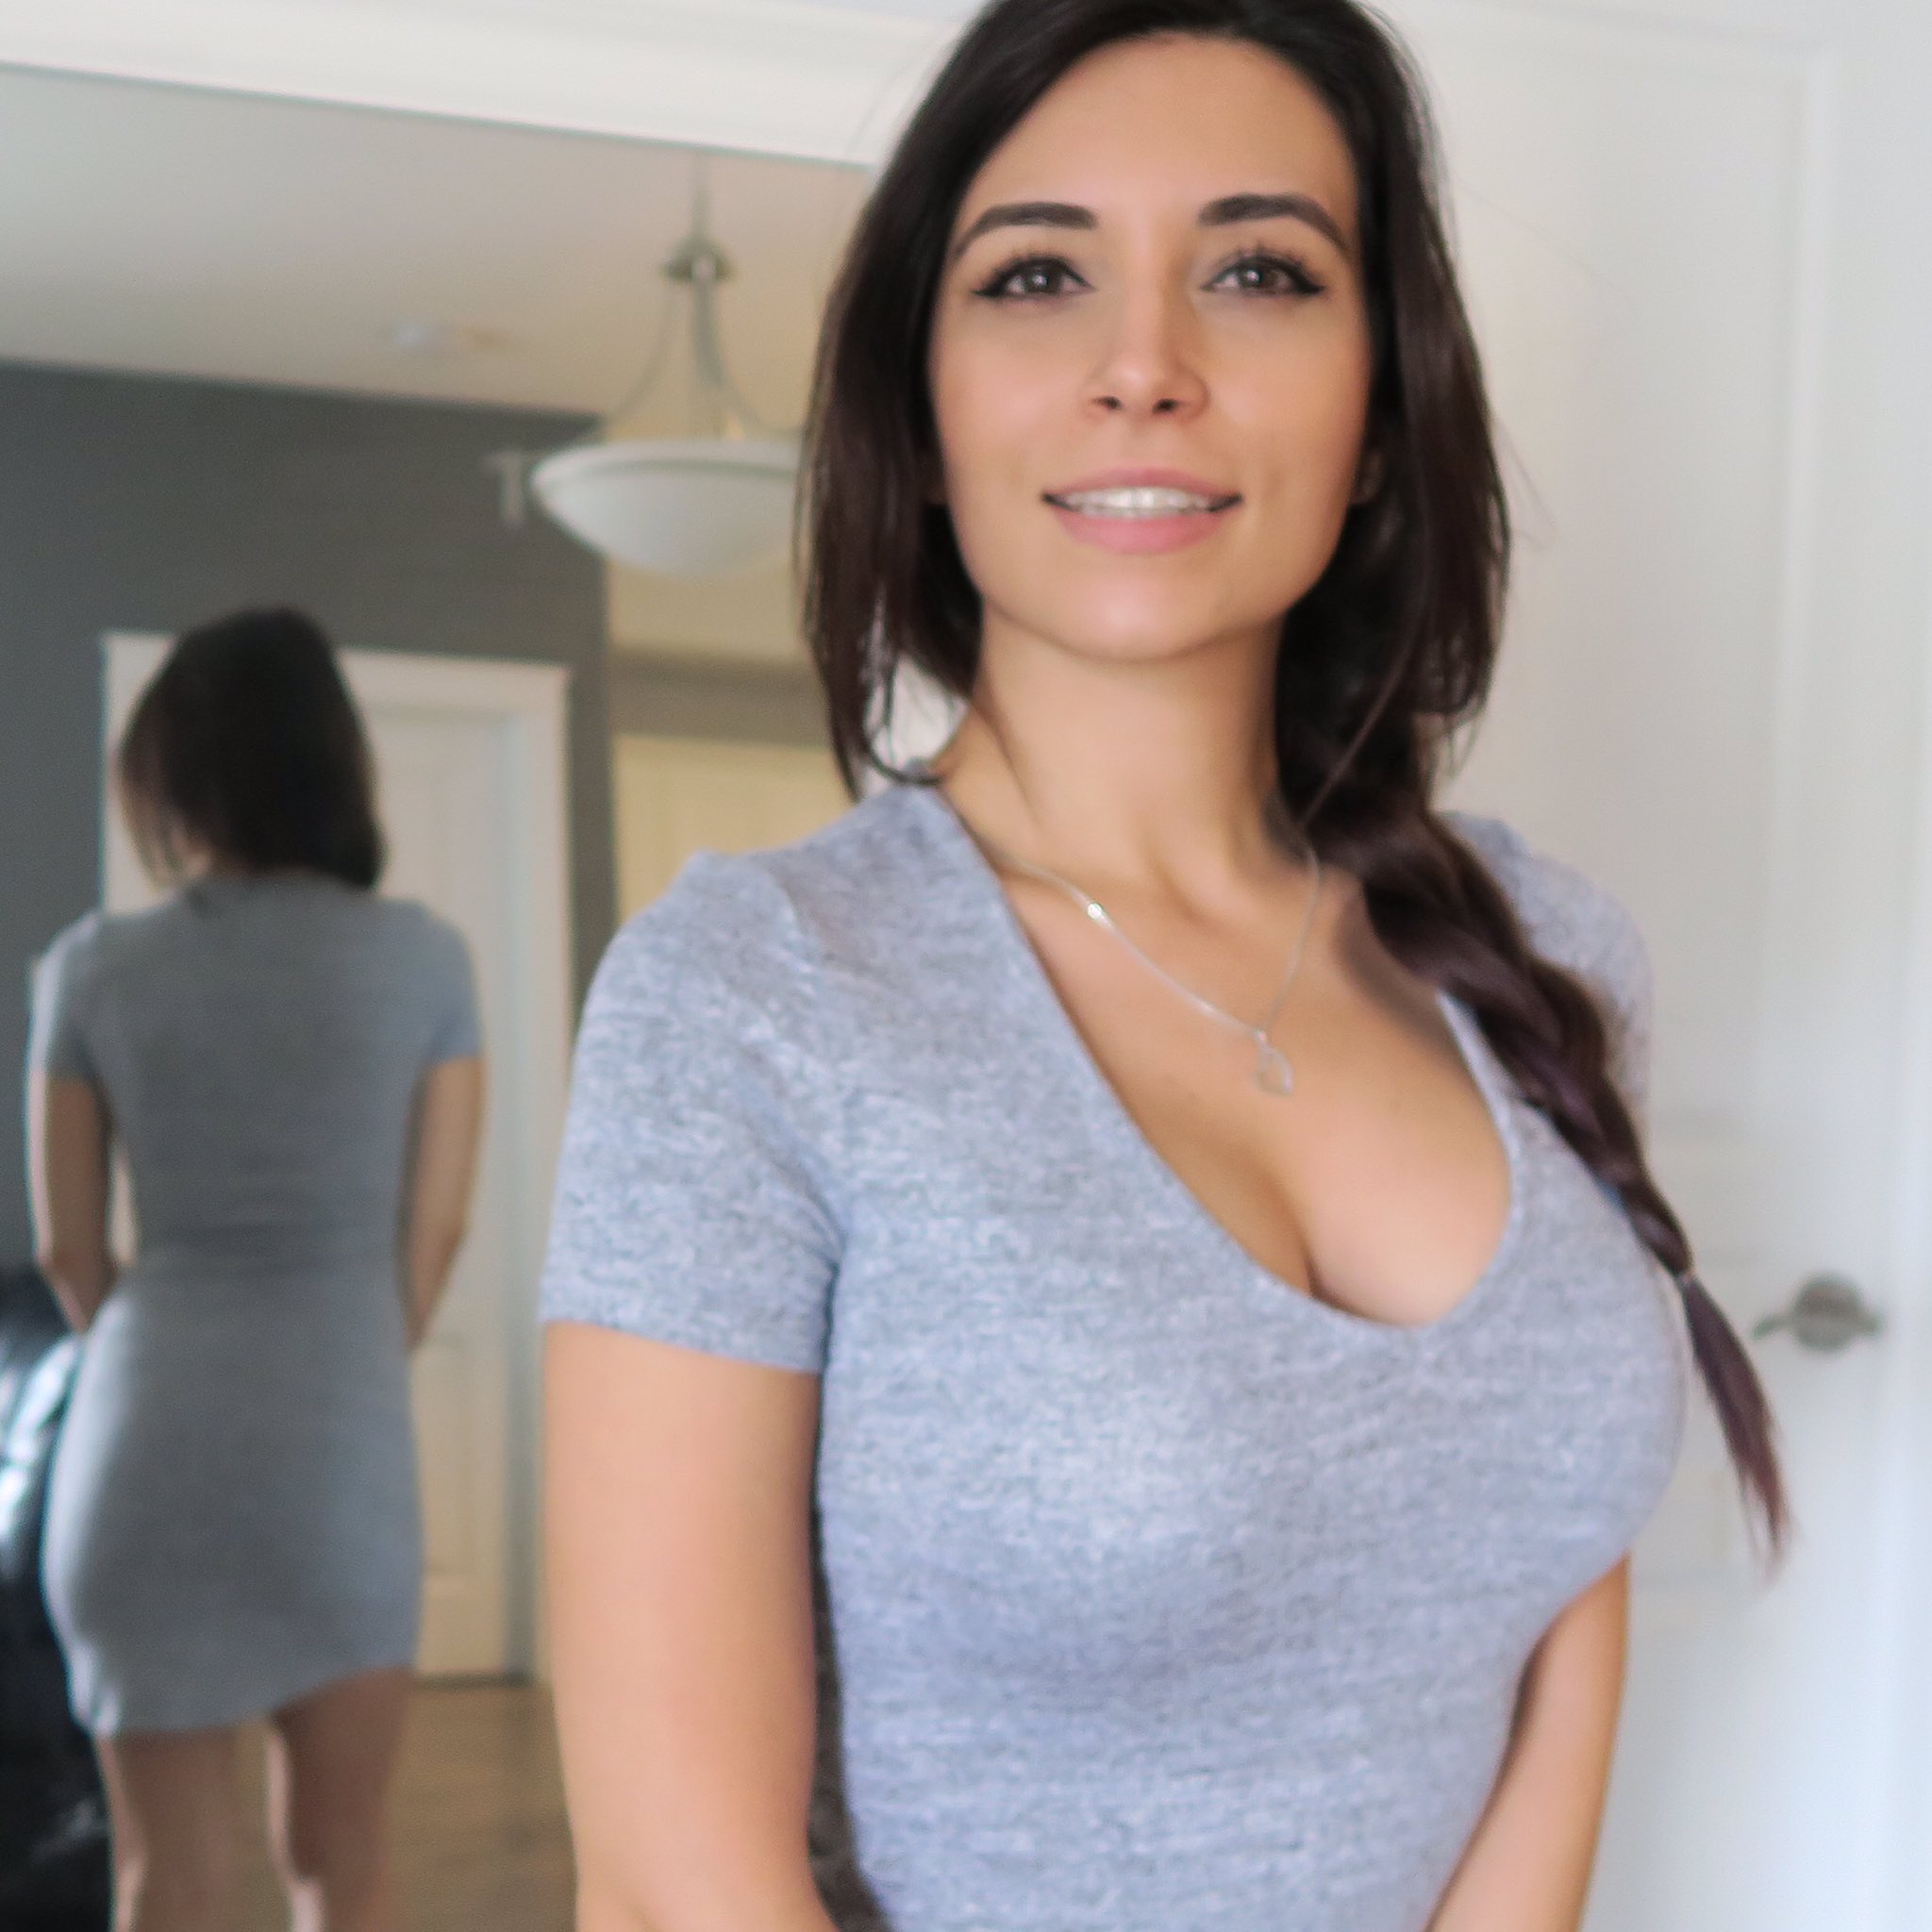 Alinity Ass Pics photo 2